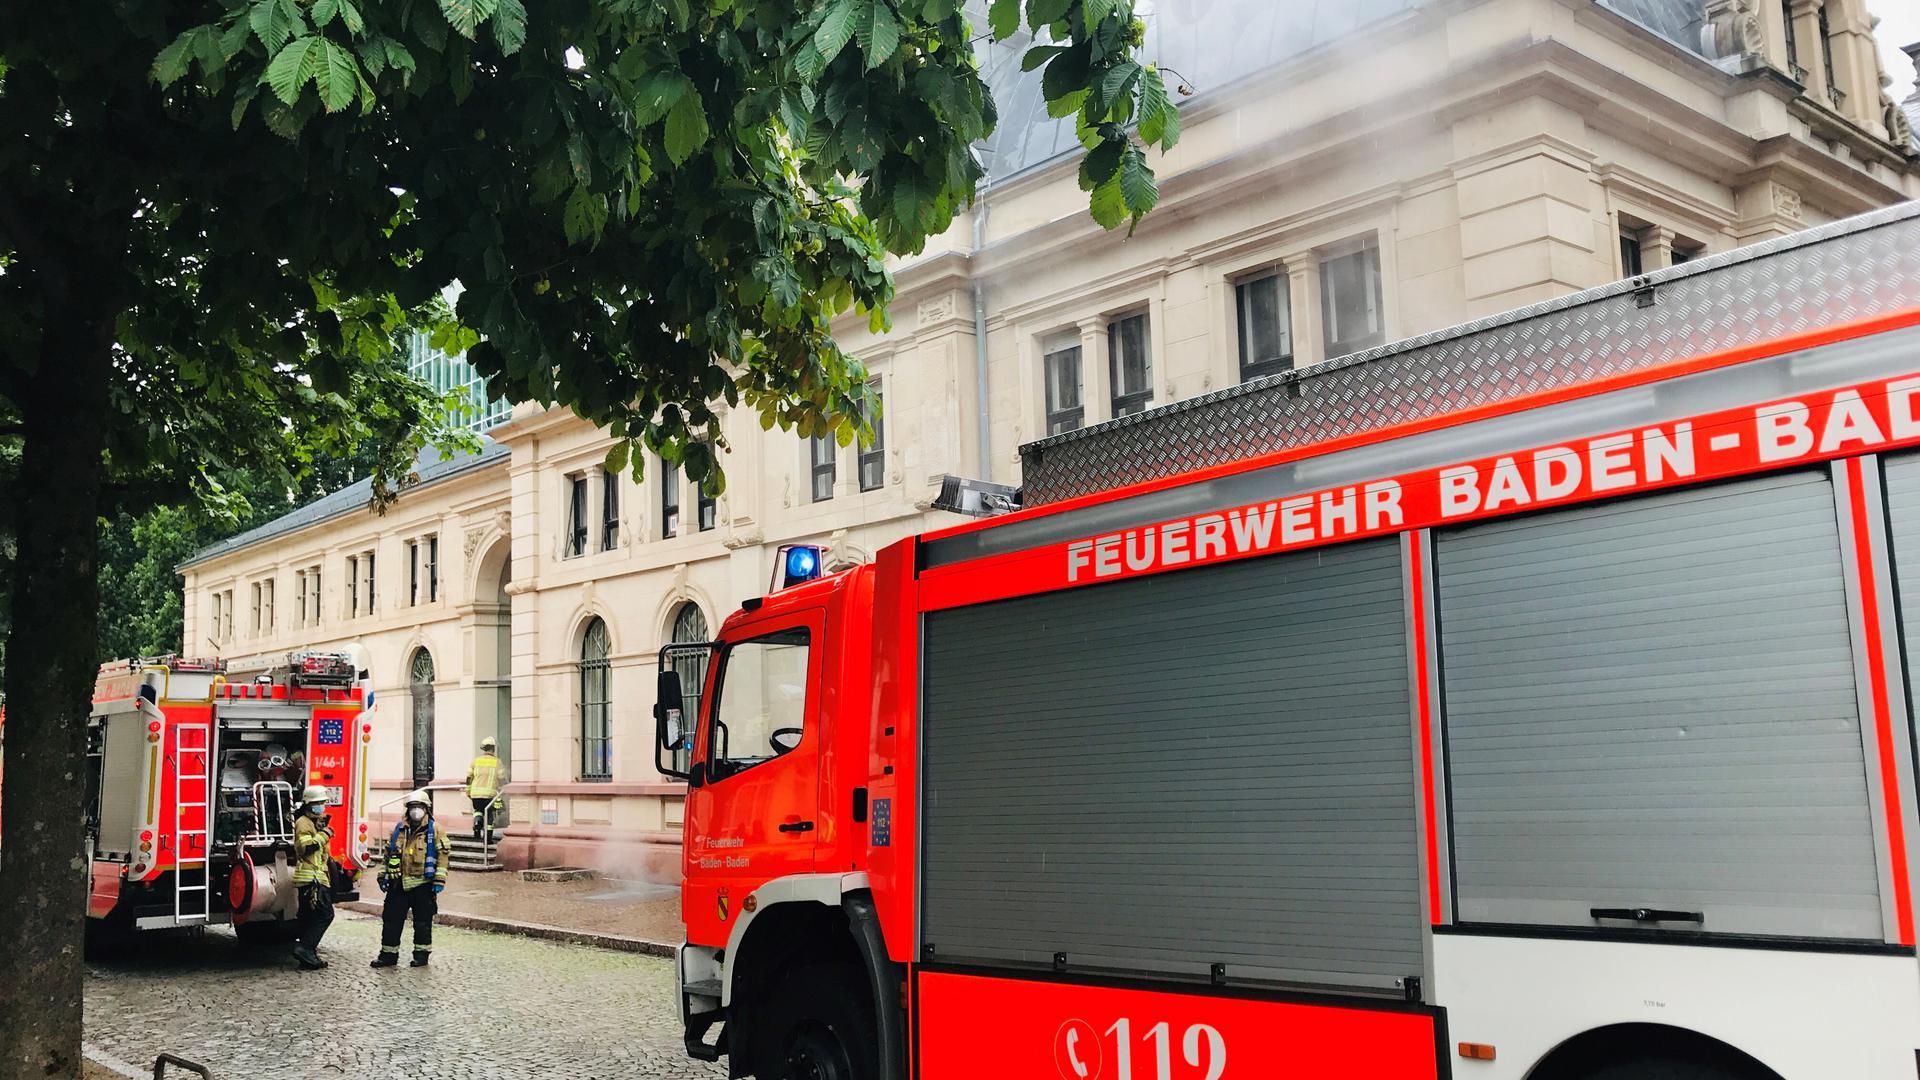 Vor dem Festspielhaus Baden-Baden stehen zwei Fahrzeuge der Feuerwehr